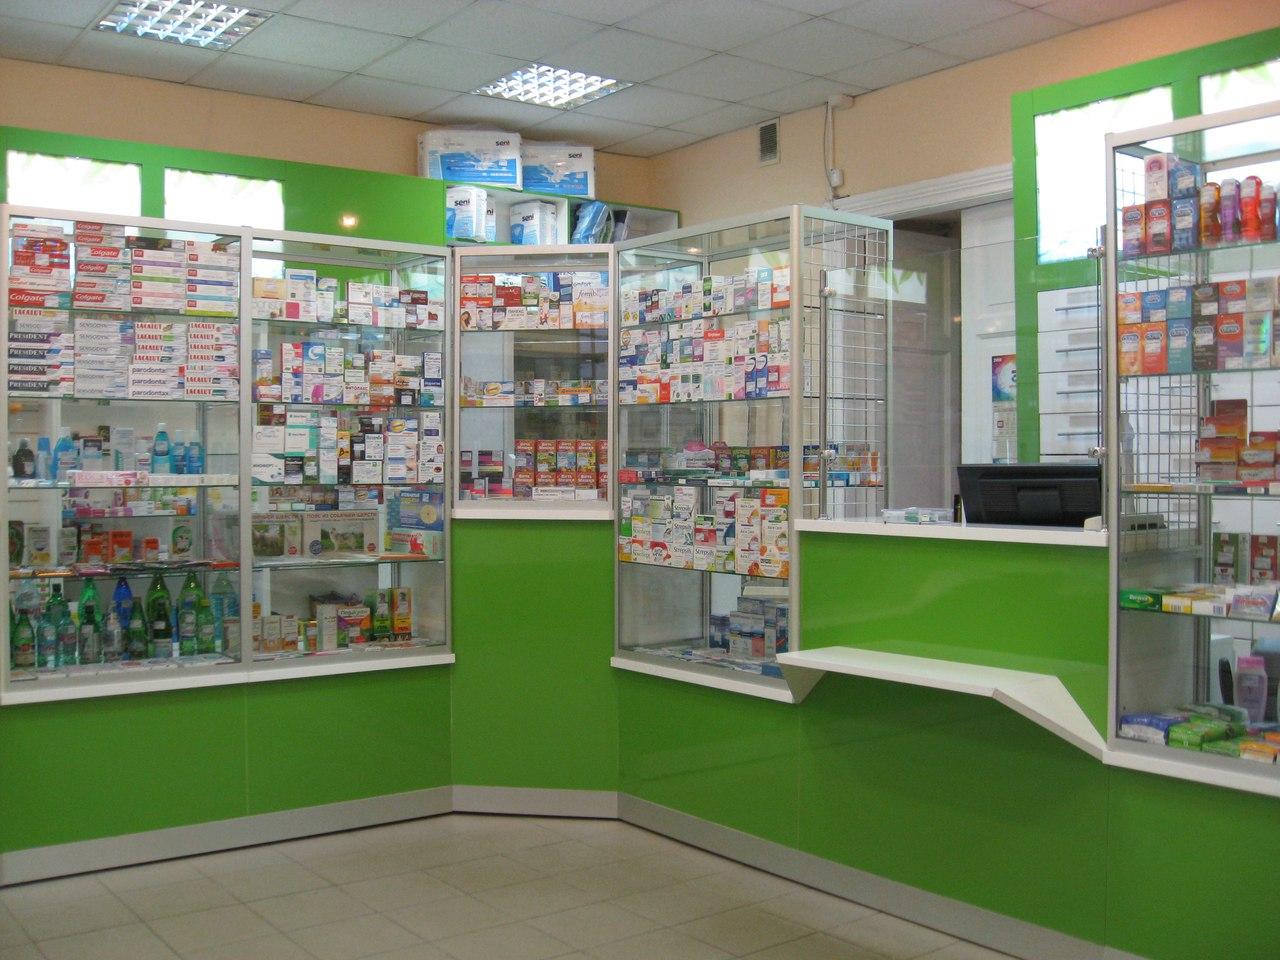 Минздрав предложил внеплановые проверки аптек из-за роста продаж антидепрессантов и успокоительных